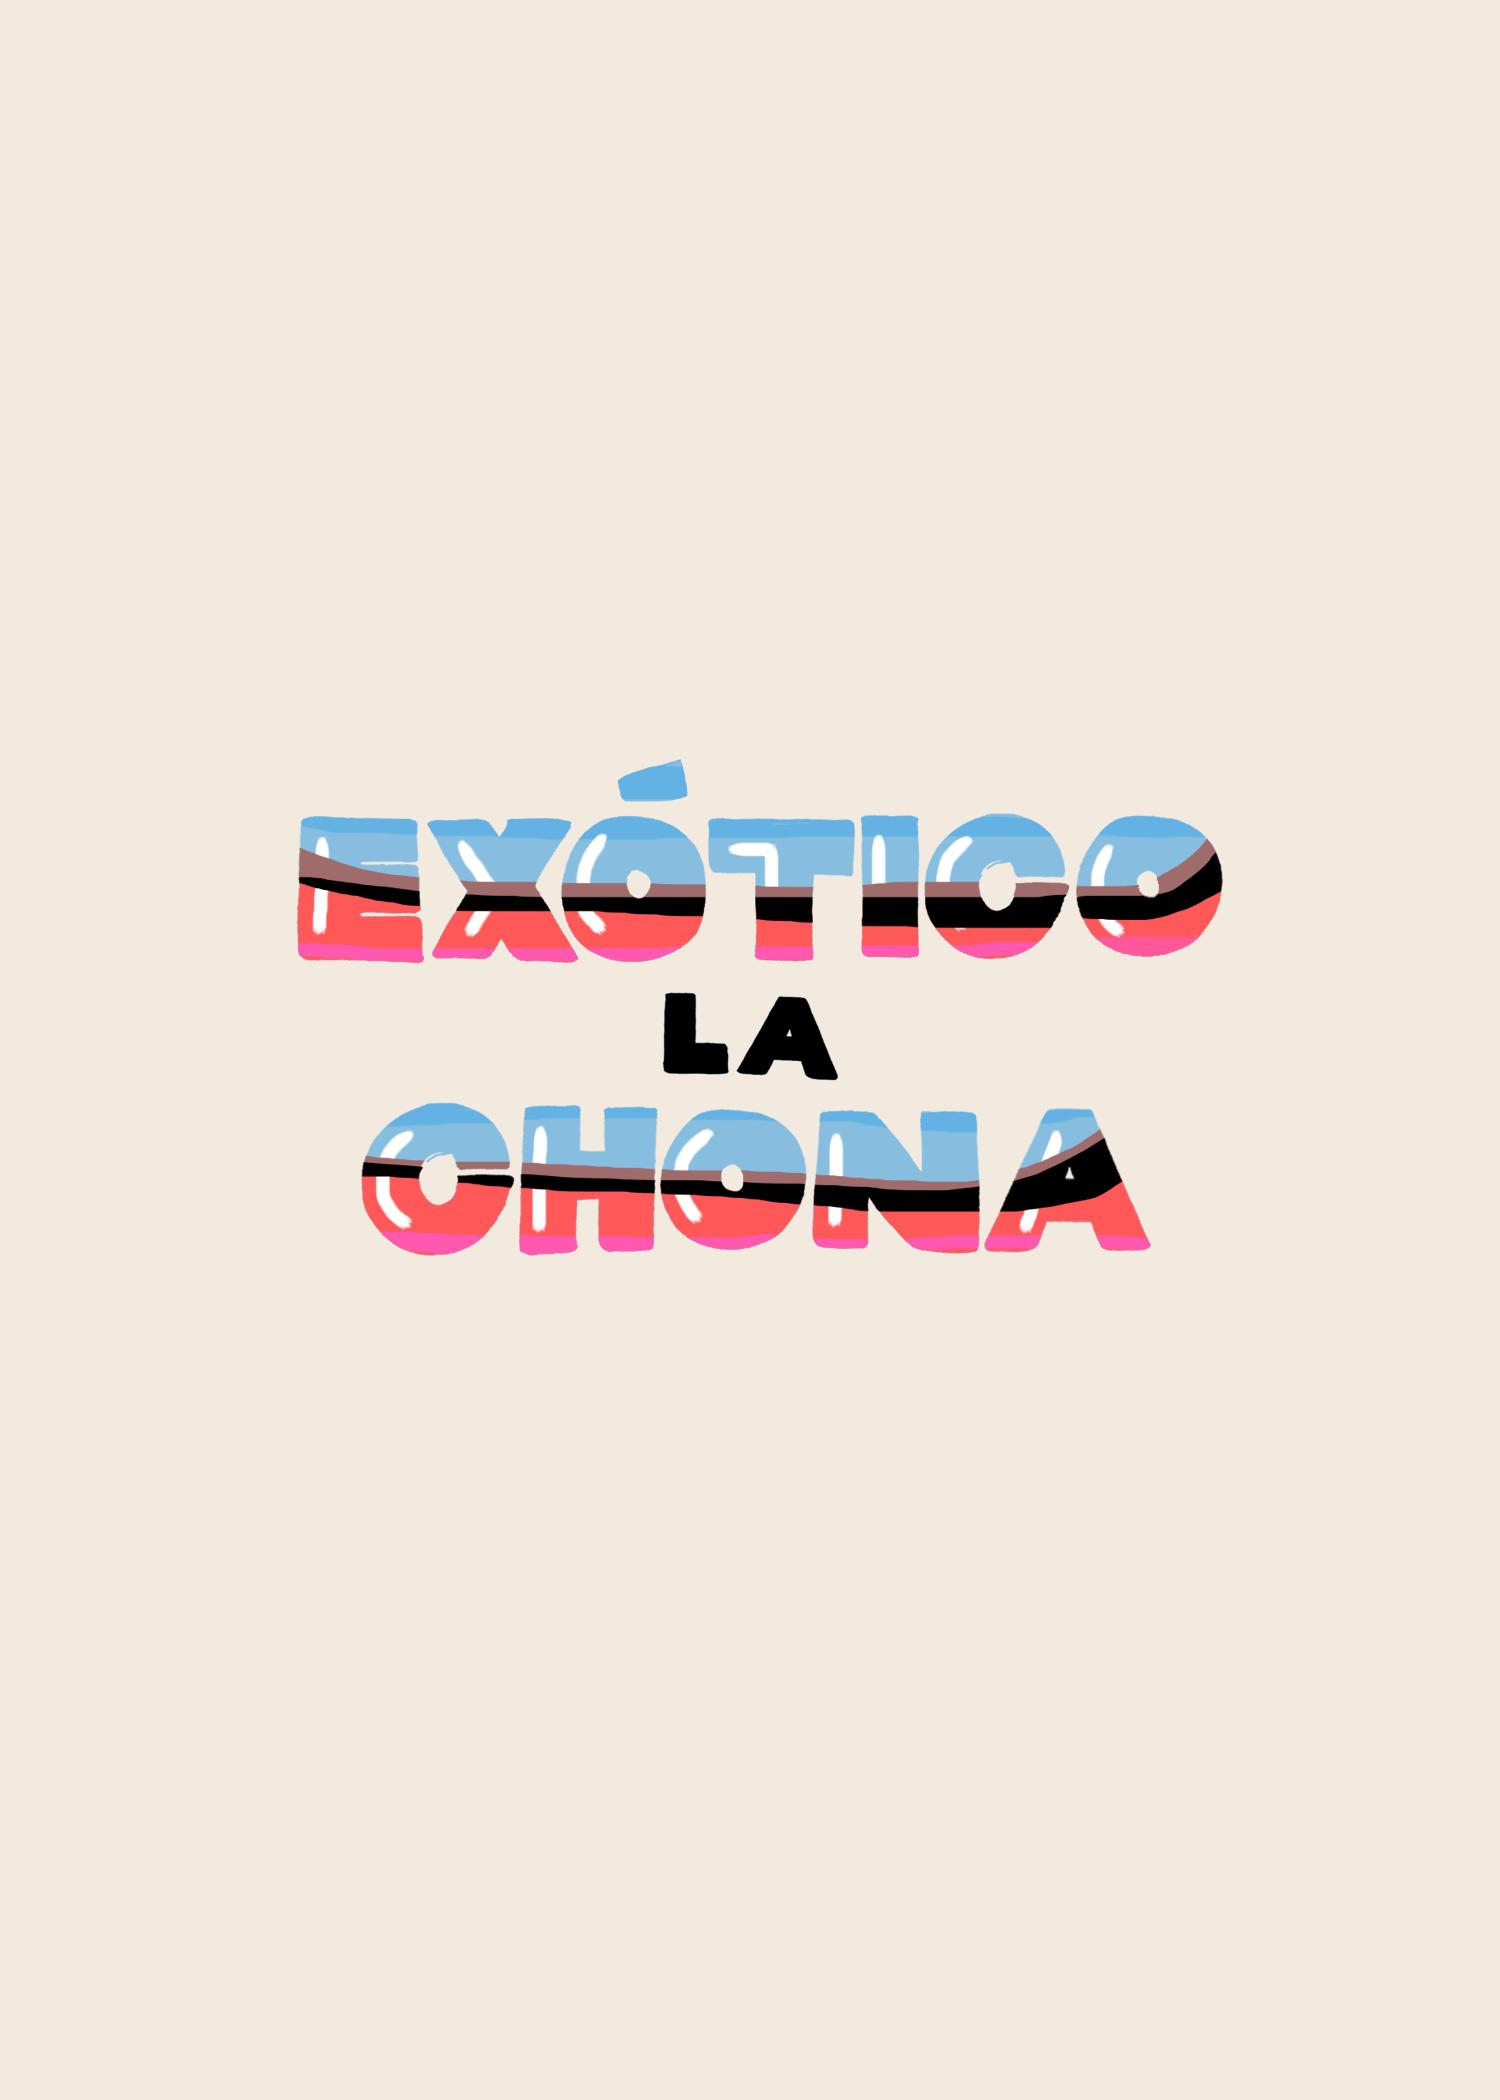 23.ExoticoLaChona.png